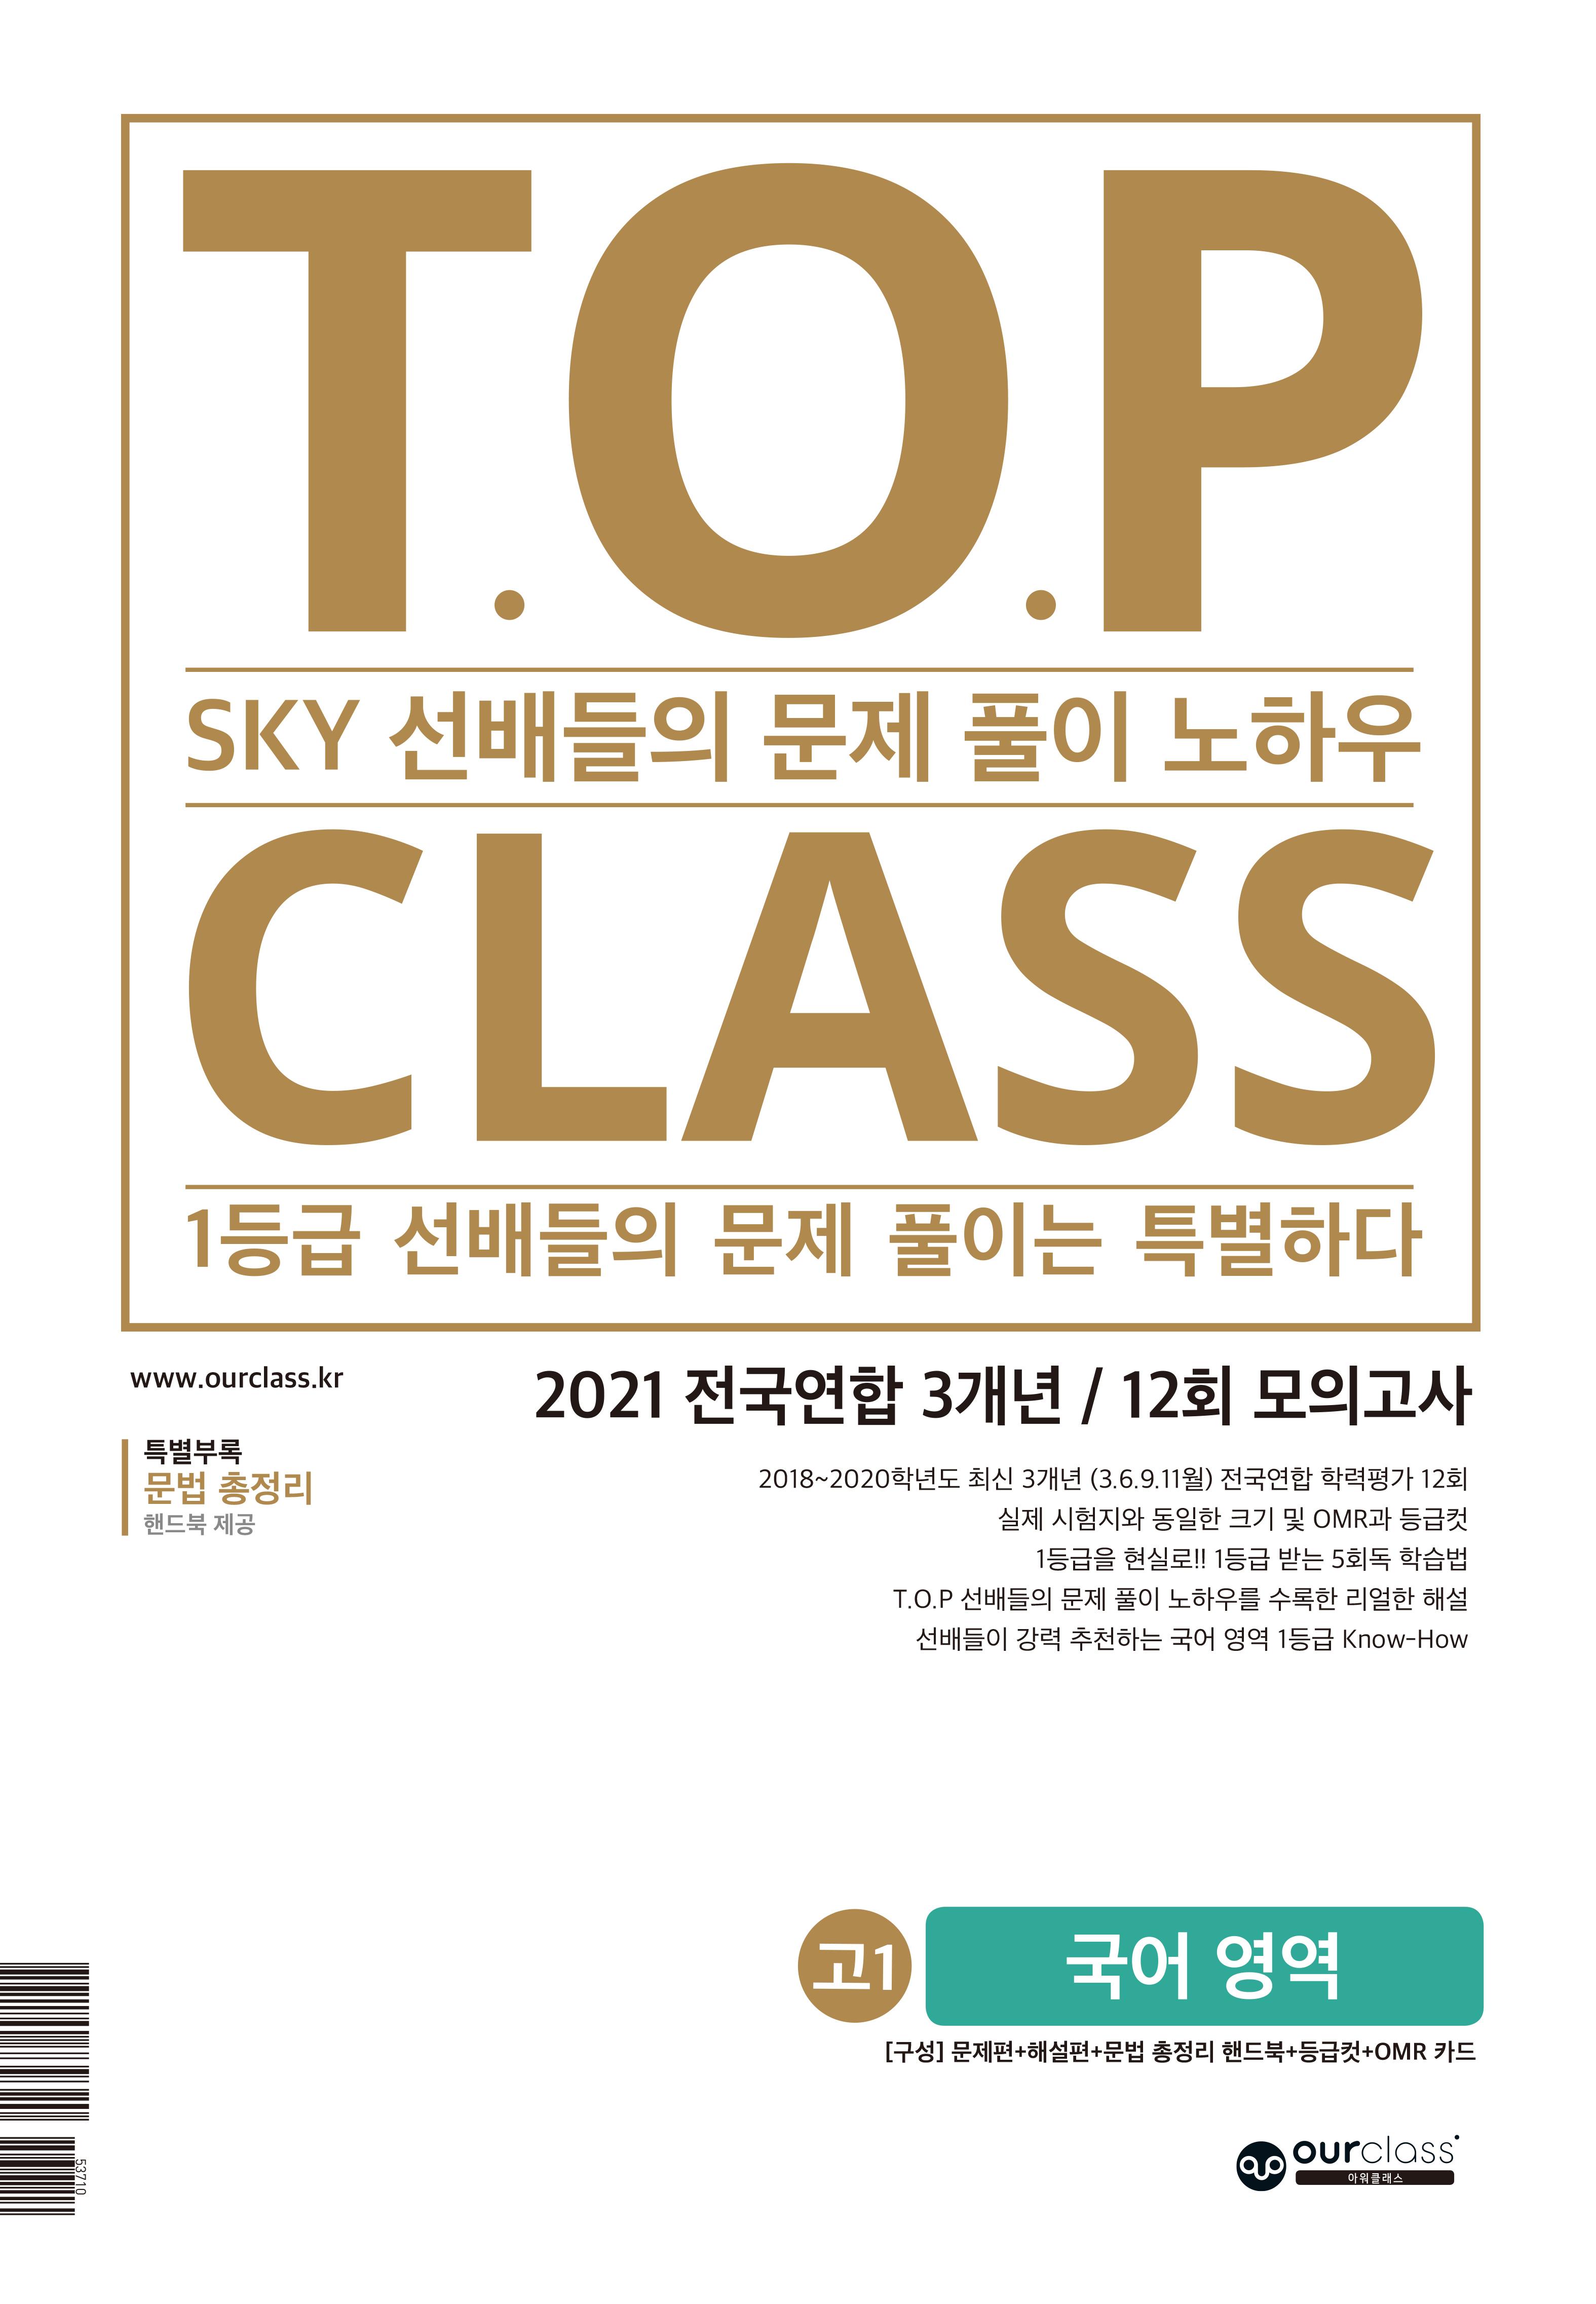 [고1 국어 영역]T.O.P CLASS : SKY 선배들의 문제 풀이 노하우